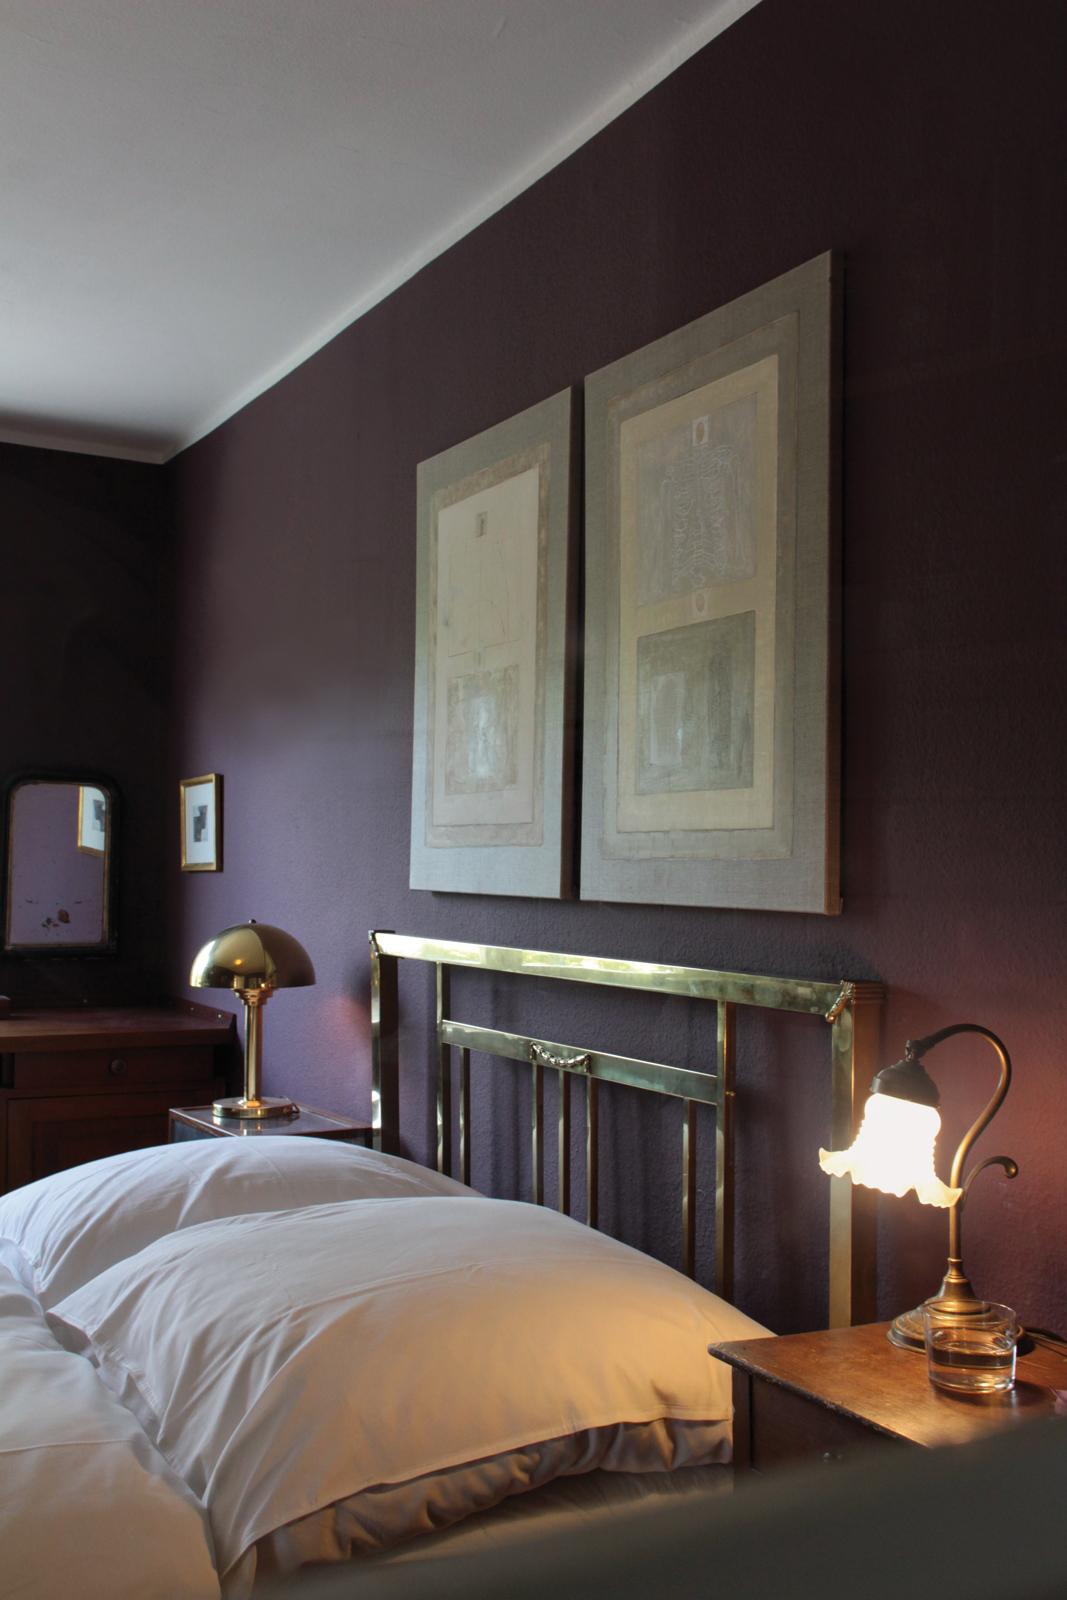 kreidefarbe-Wolkenweiß-112-schlafzimmer-zementfliesen-terrazzofliesen-viaplatten | Kreidefarbe Wolkenweiß 2500 ml